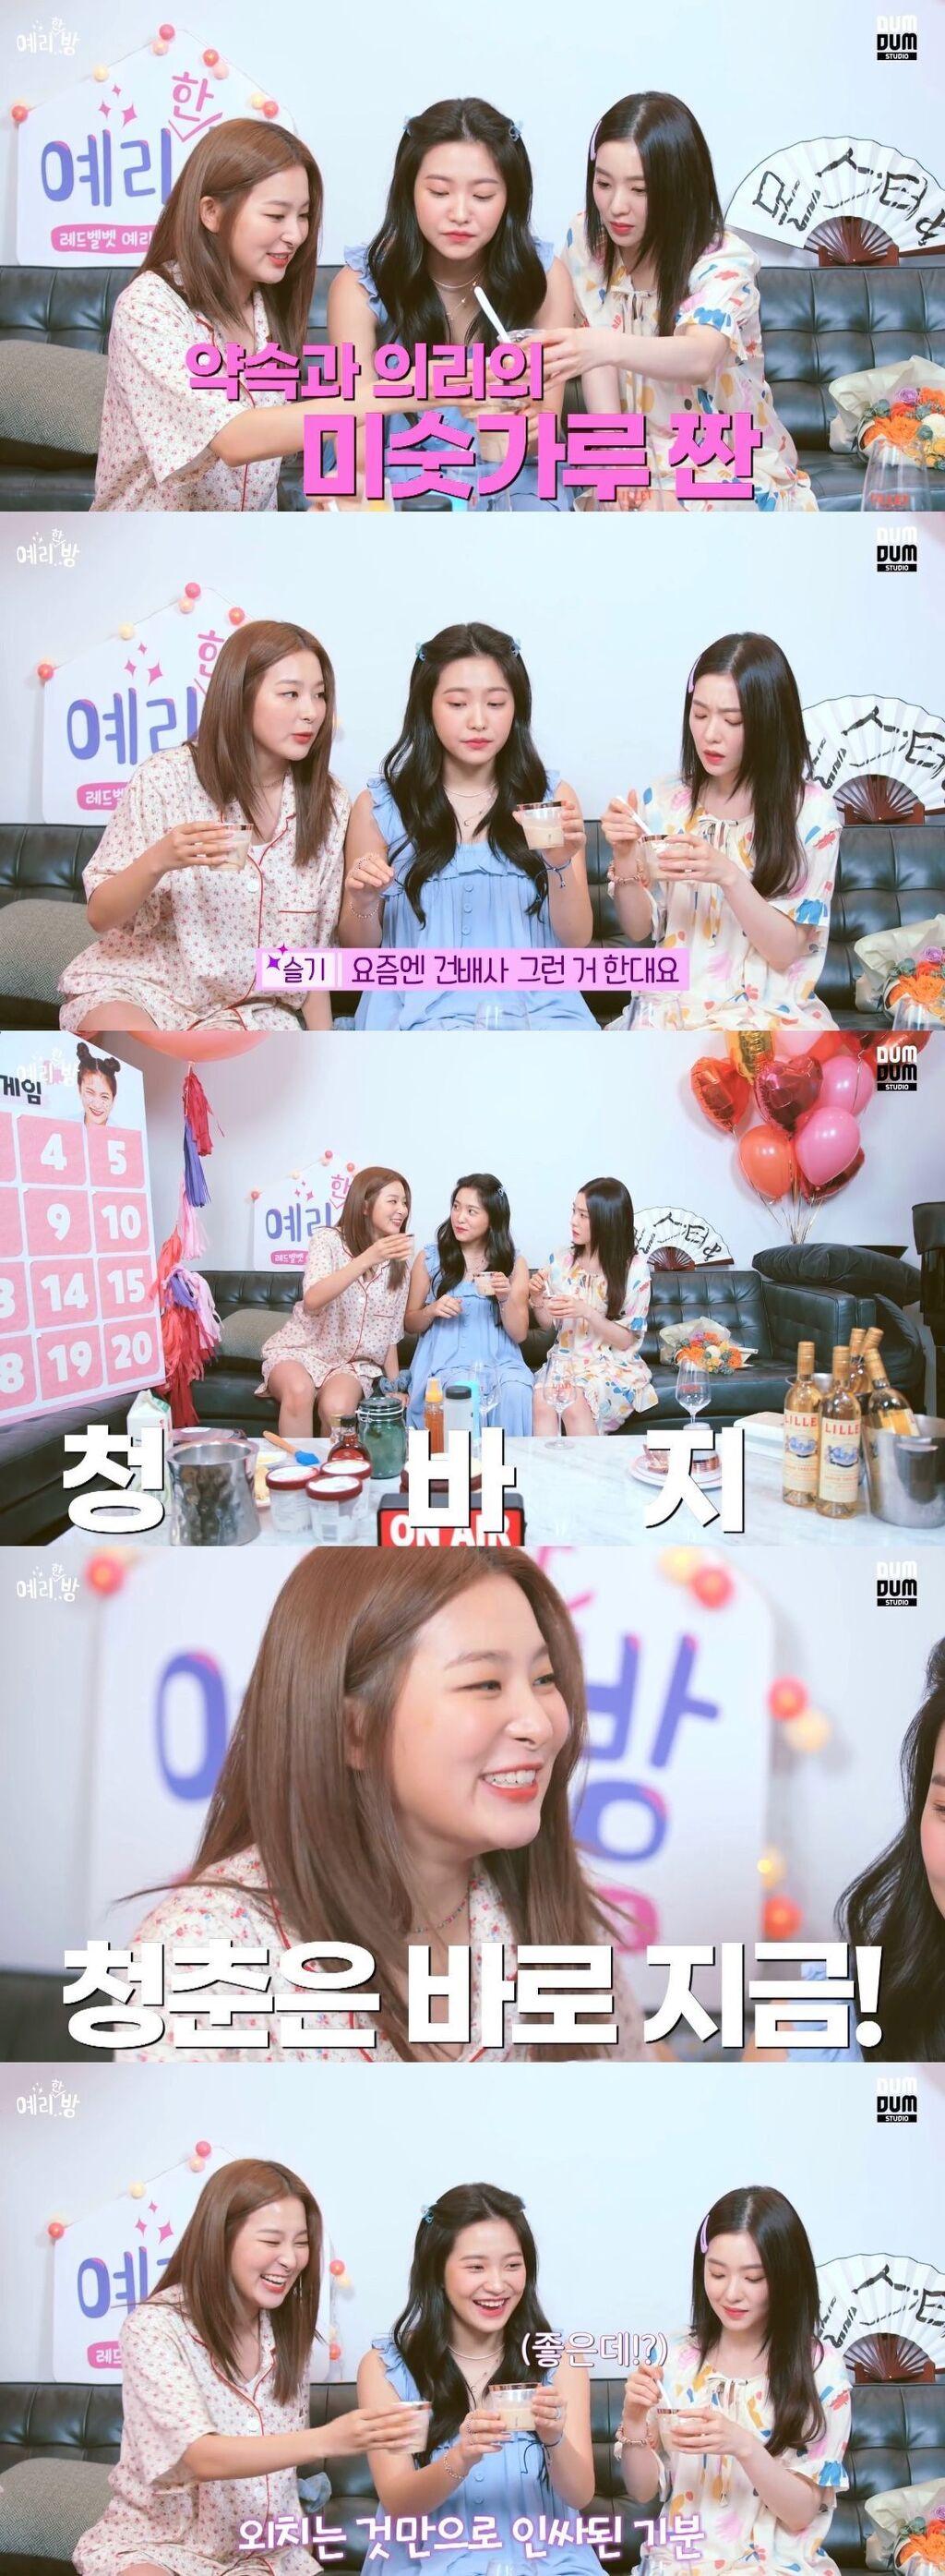 레드벨벳 슬기가 좋아하는 건배사 - 꾸르